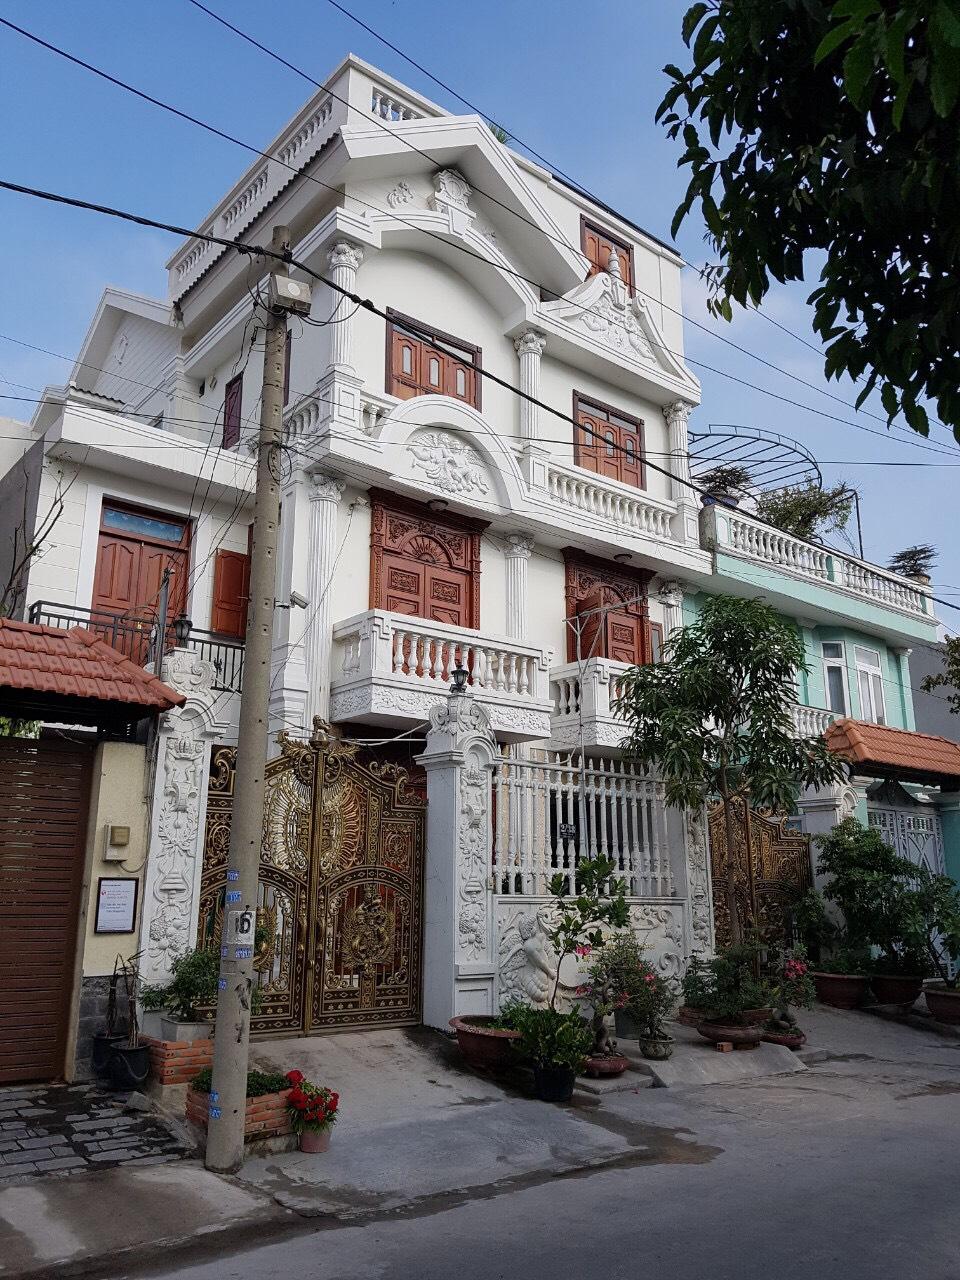 Biệt thự Nam Hòa, Phước Long A, Quận 9 rộng 200m2 Kết cấu 5 tầng. Nội thất cao cấp giá 18 tỷ